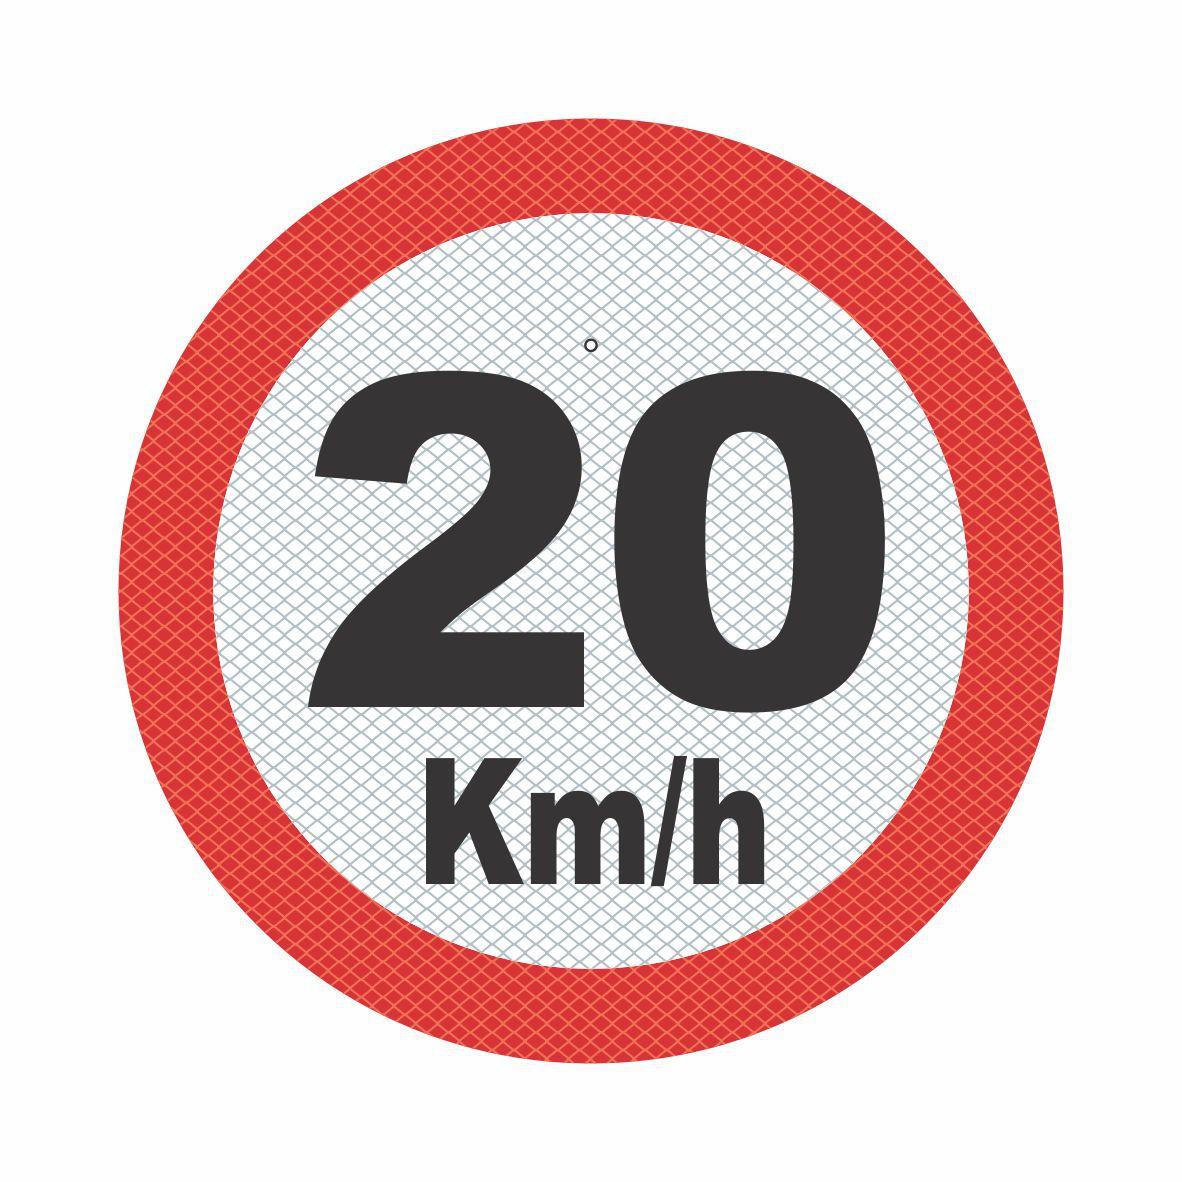 R-19_2 - VELOCIDADE MÁXIMA PERMITIDA - 20 Kmh  - Towbar Sinalização de Segurança